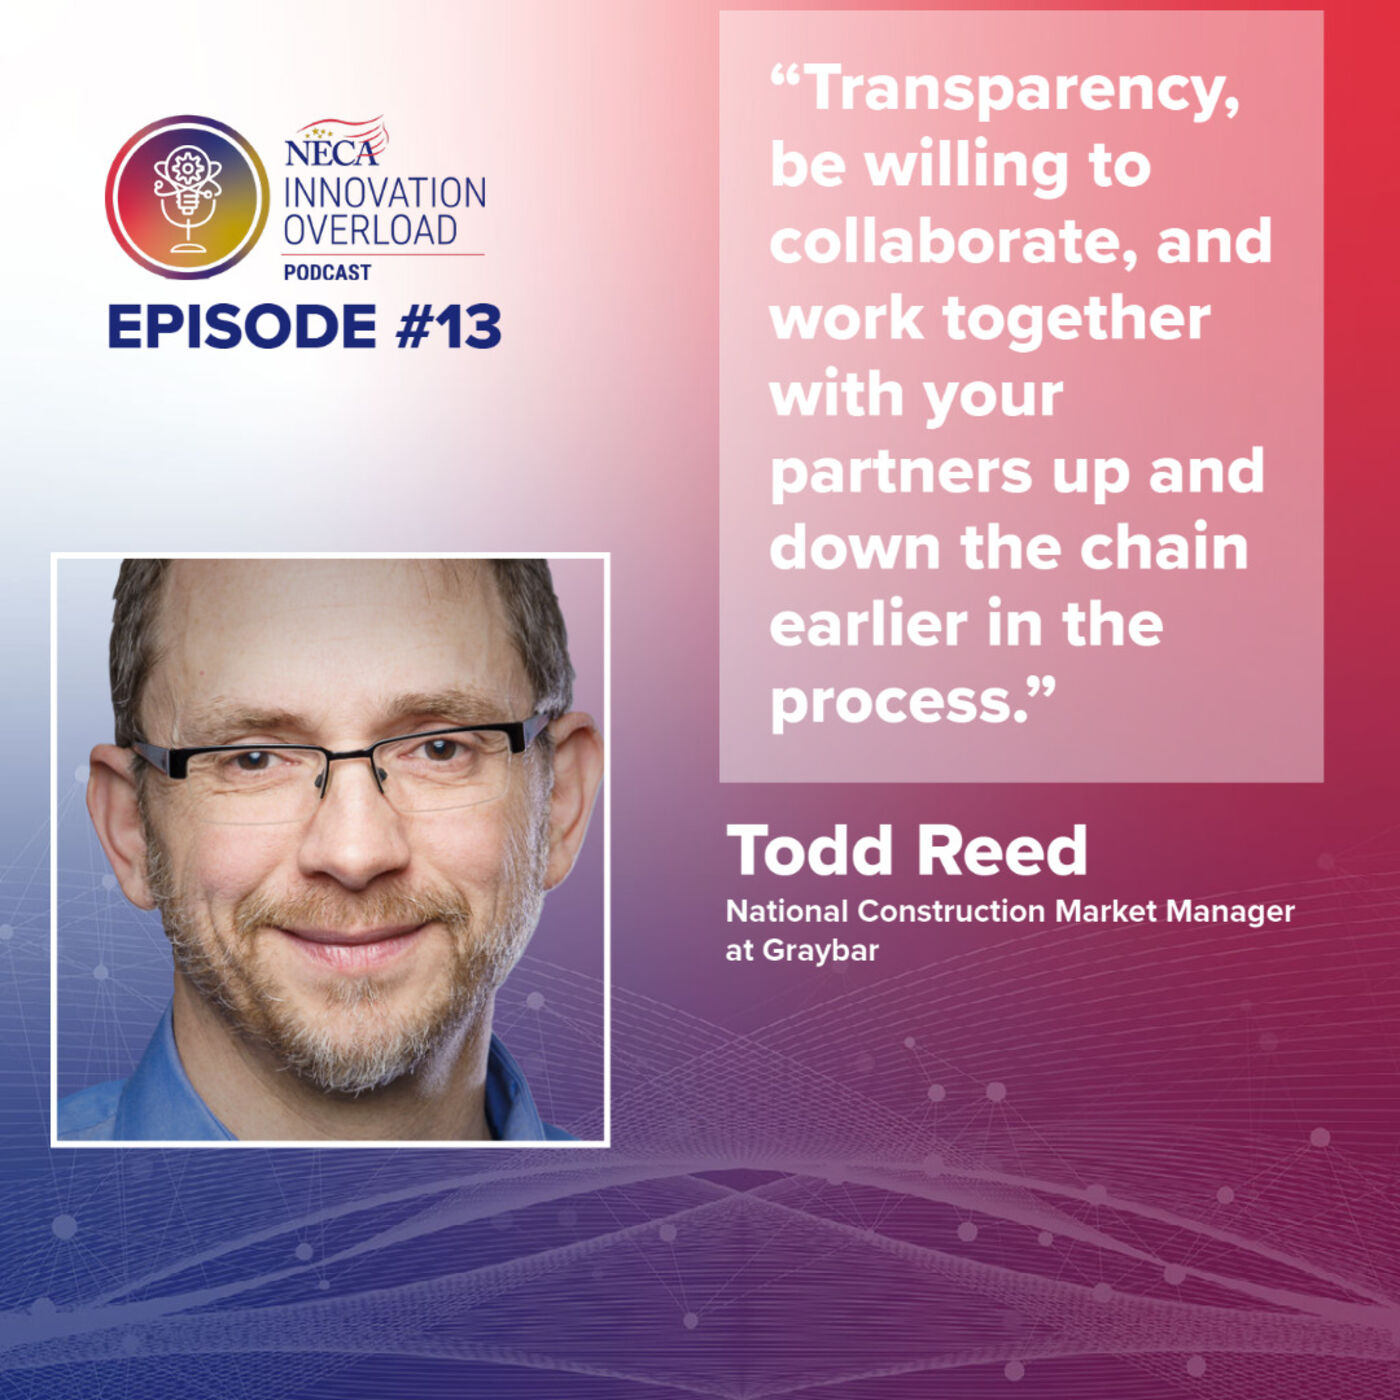 #13 - Todd Reed